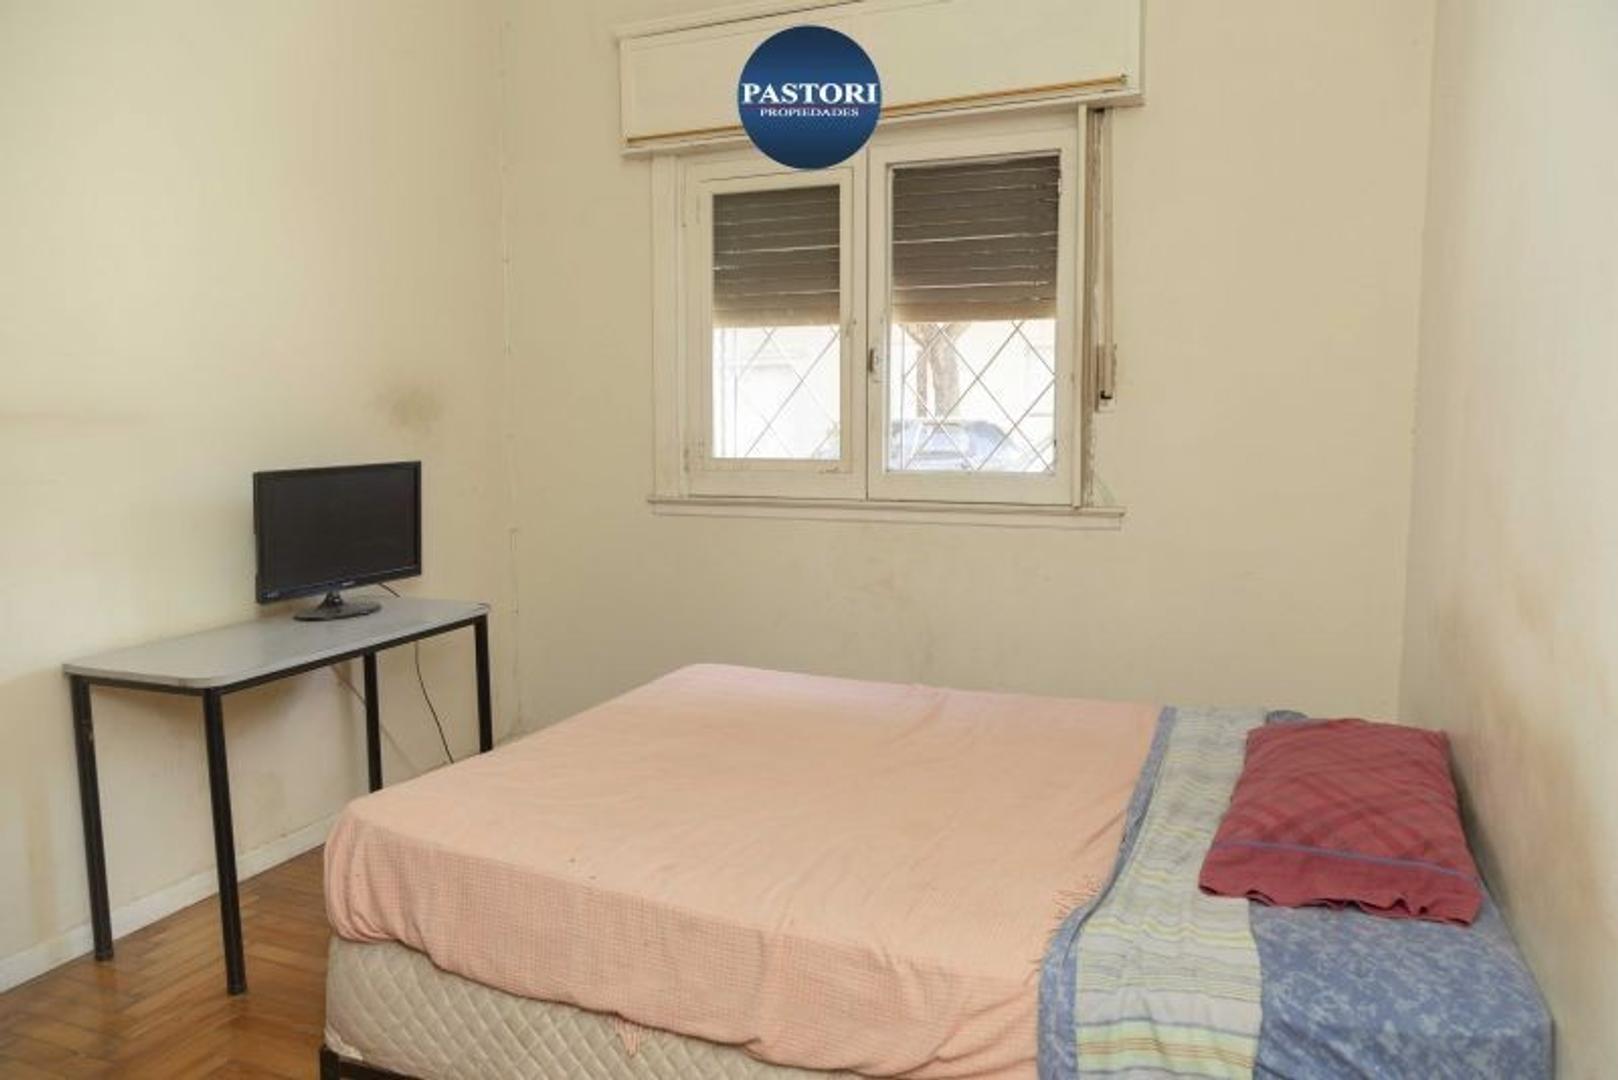 Ph - 79 m² | 3 dormitorios | 1 baño